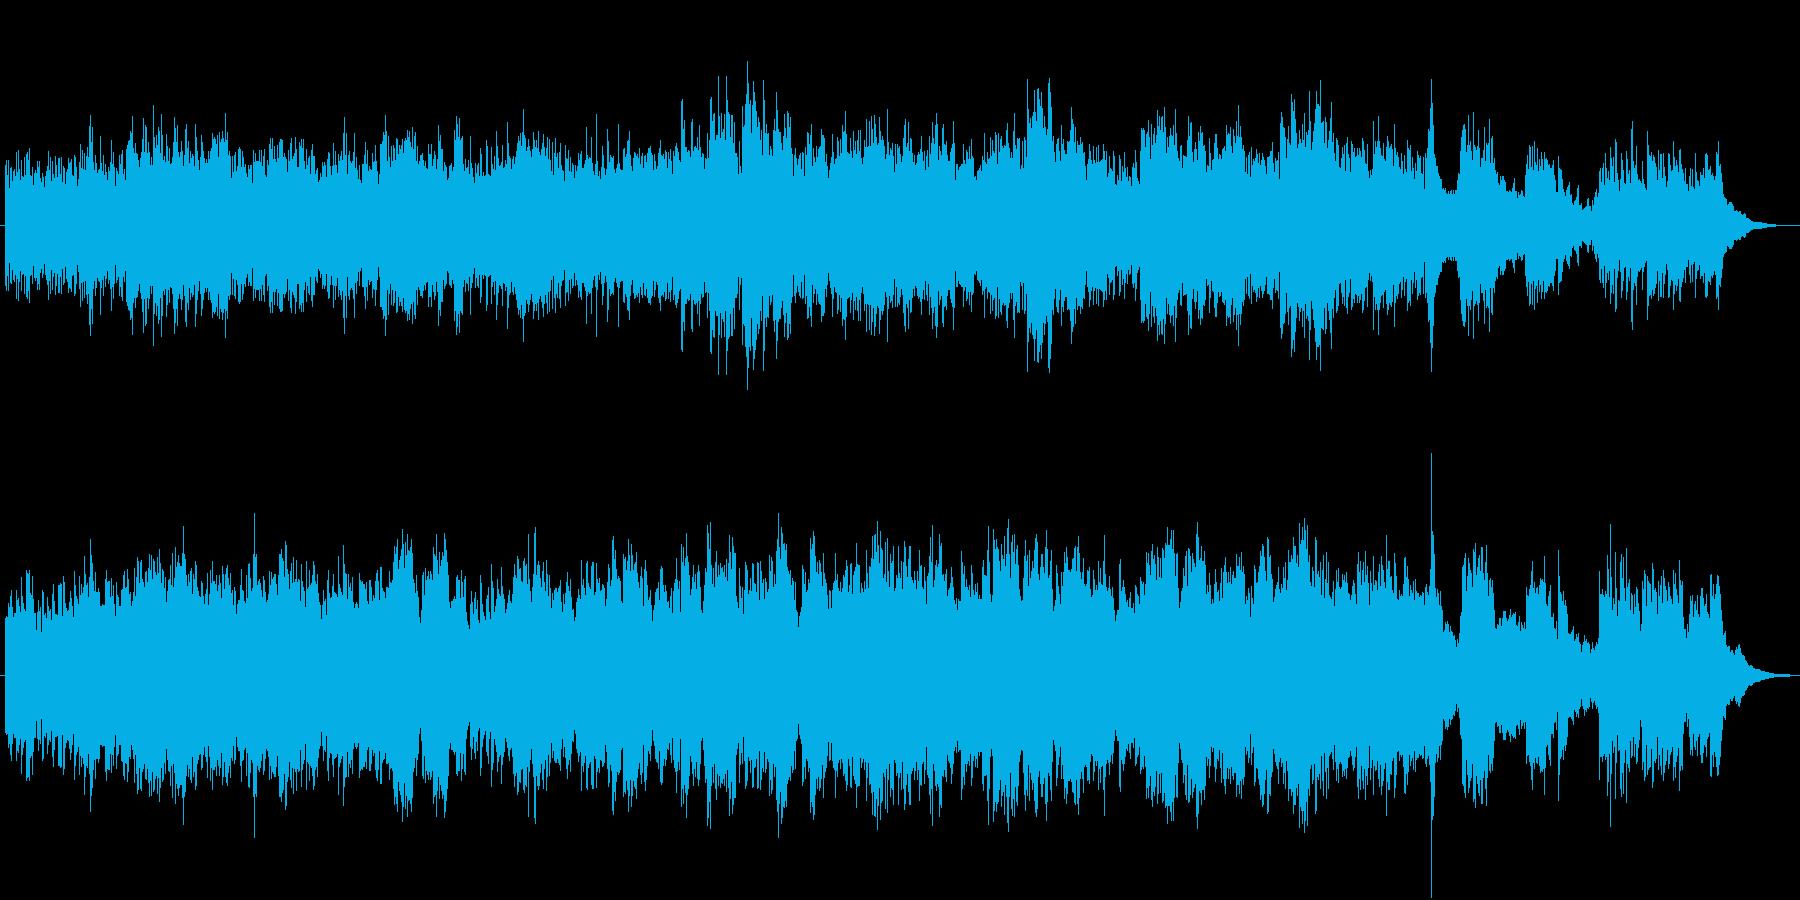 美しいBGM(サンサースの白鳥)の再生済みの波形